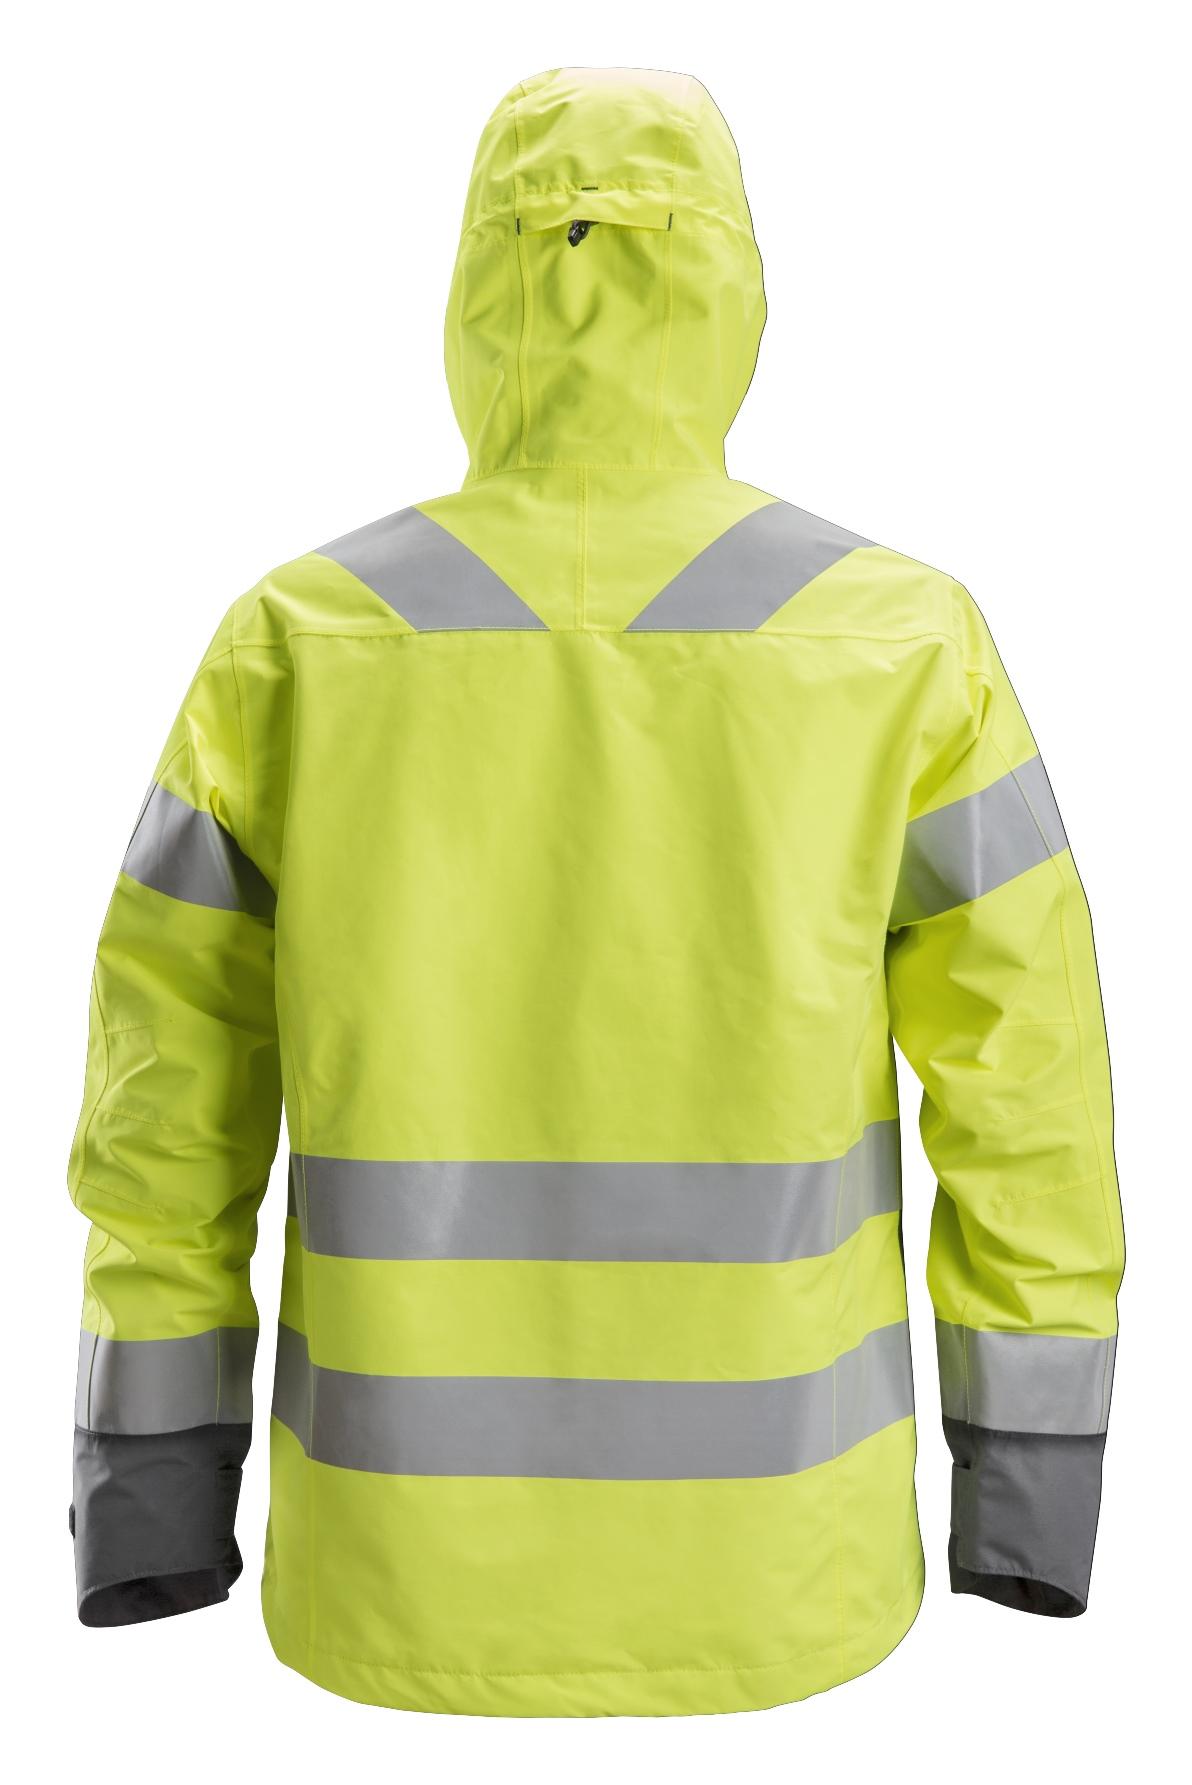 Snickers 1330 Vedenpitävä huomiokuoritakki, lk 3 | High vis yellow\Steel grey - 6658 | V-liftverkkokauppa.fi